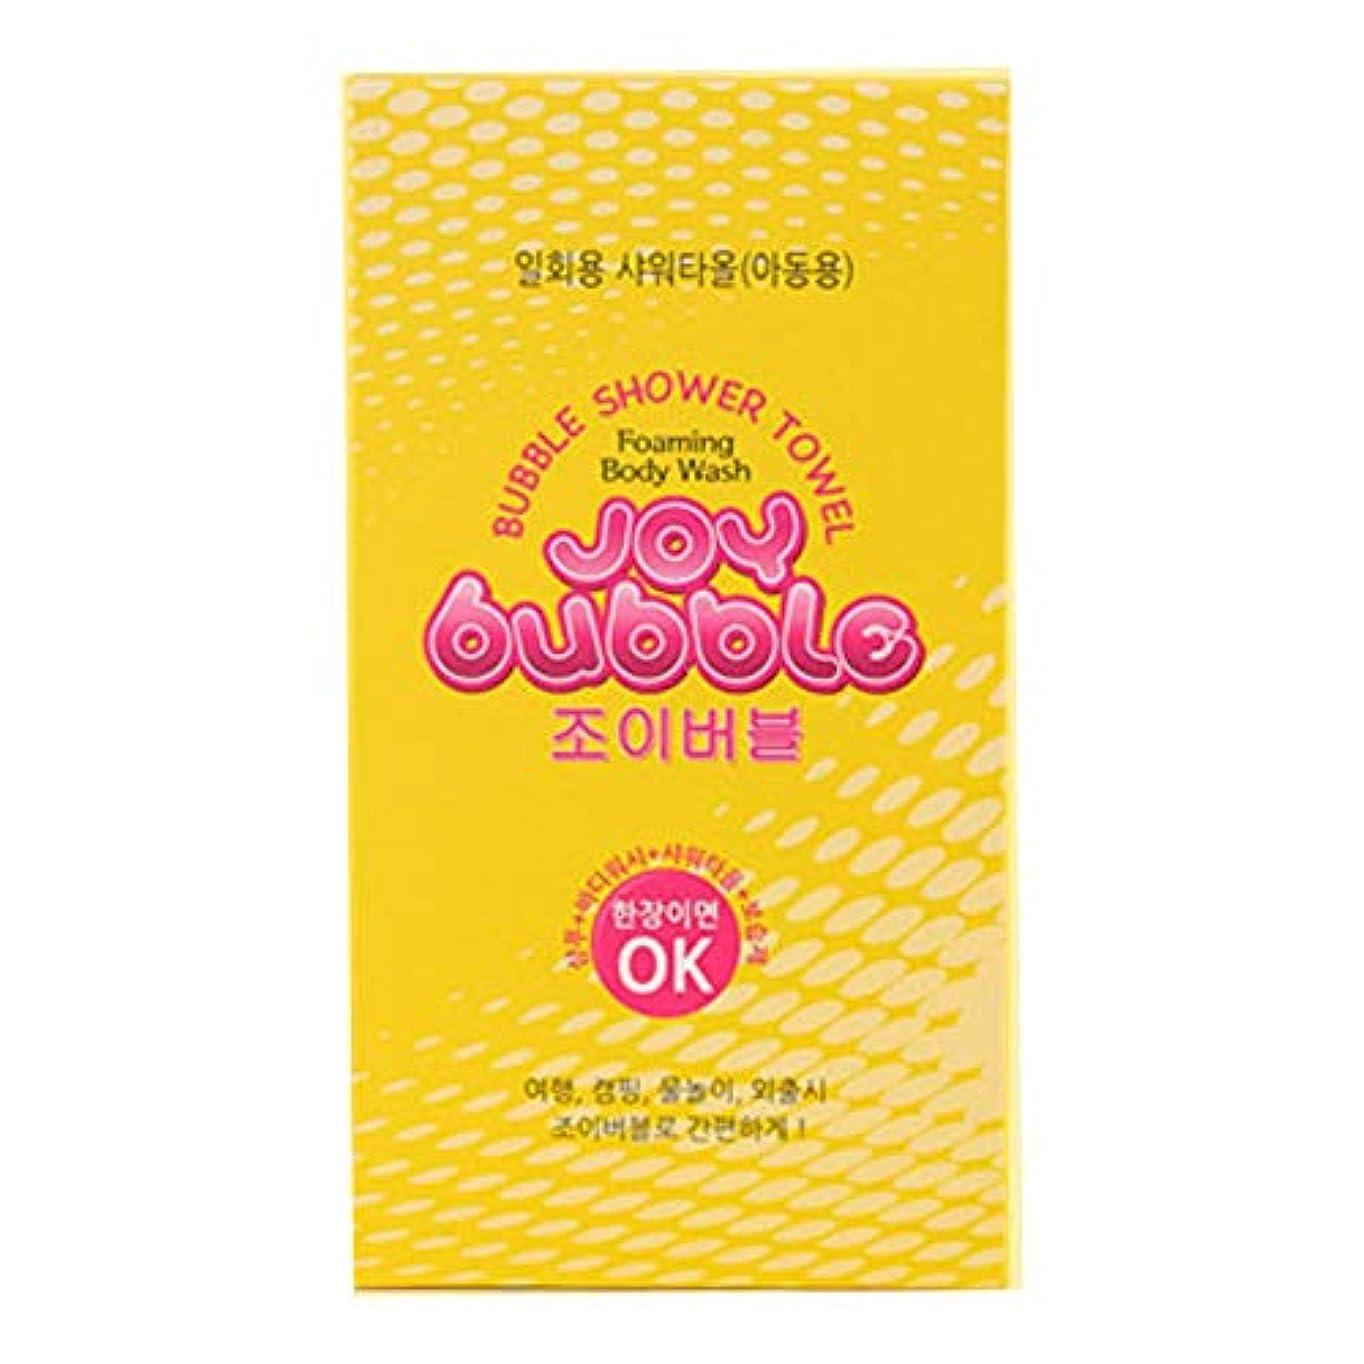 荒涼としたメディアリフレッシュ[TSP-Korea] Joy Bubble - バブル シャワー タオル 旅行 旅 携帯 使い捨て シャワータオル(2 types)[並行輸入品] (子供用)